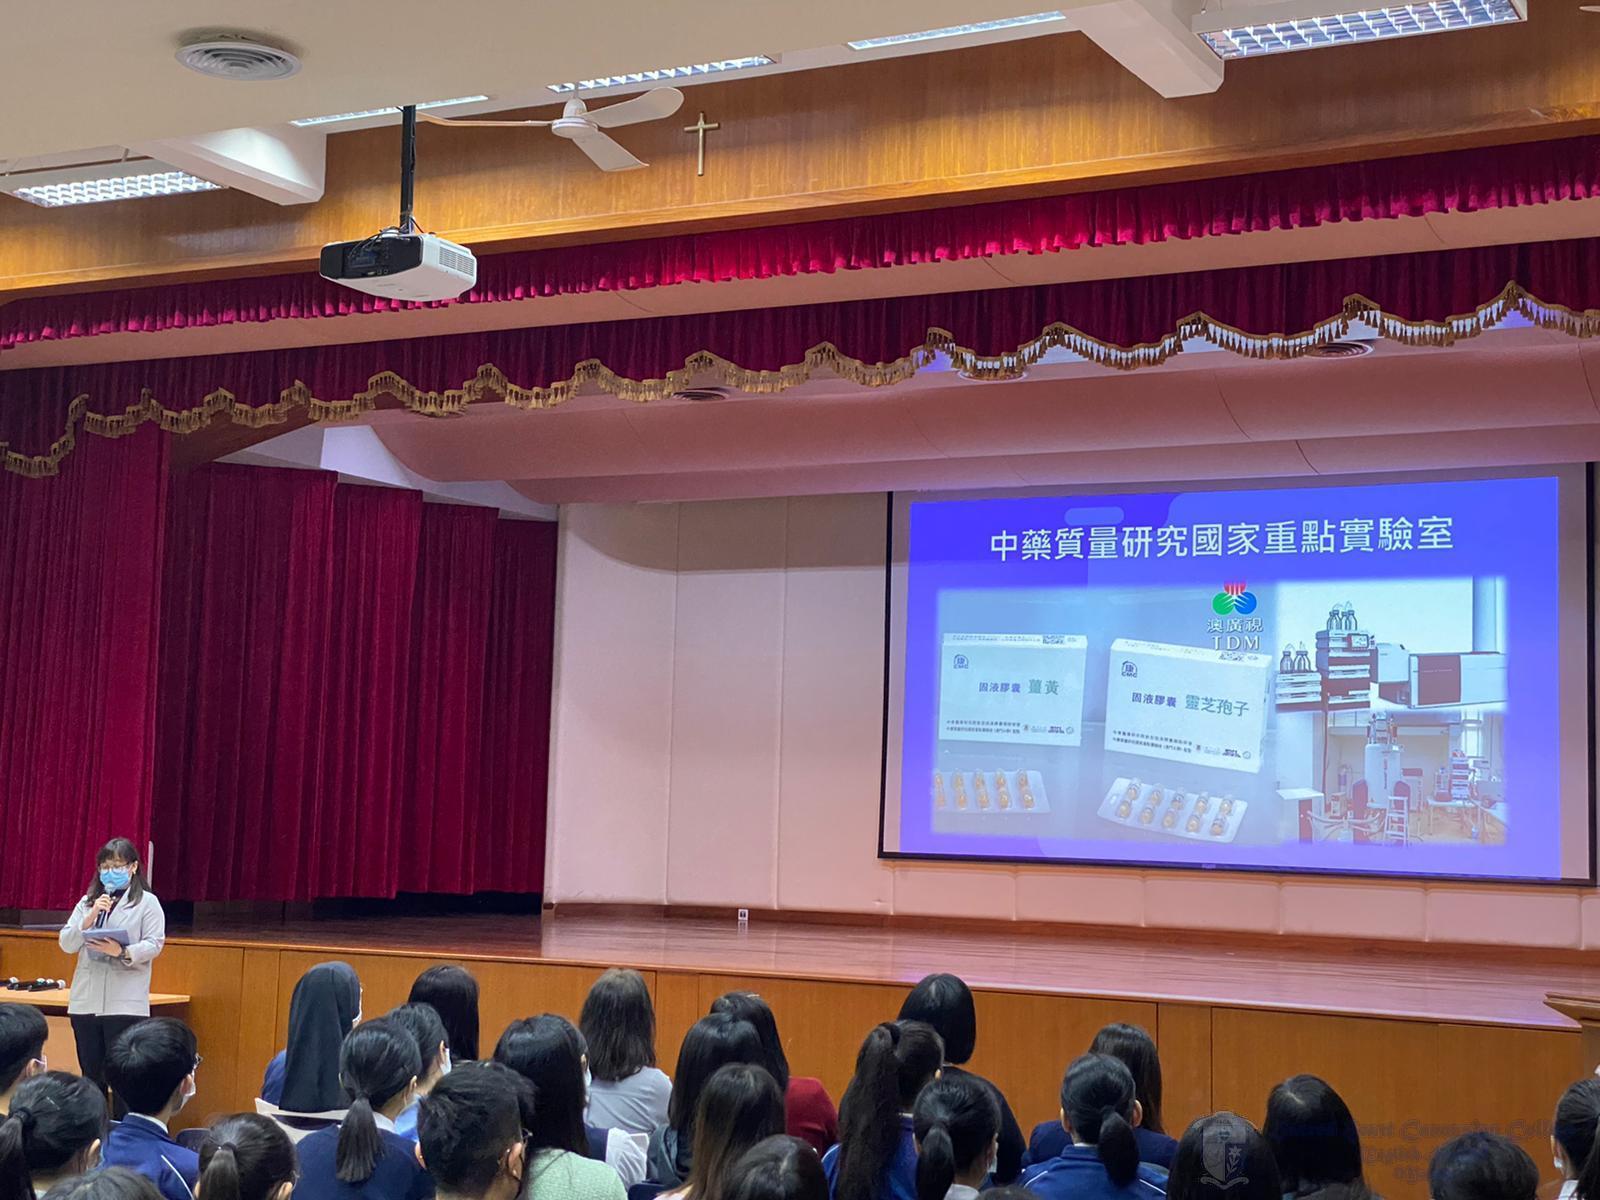 生涯規劃組亦向家長及同學分享了未來社會的發展趨勢